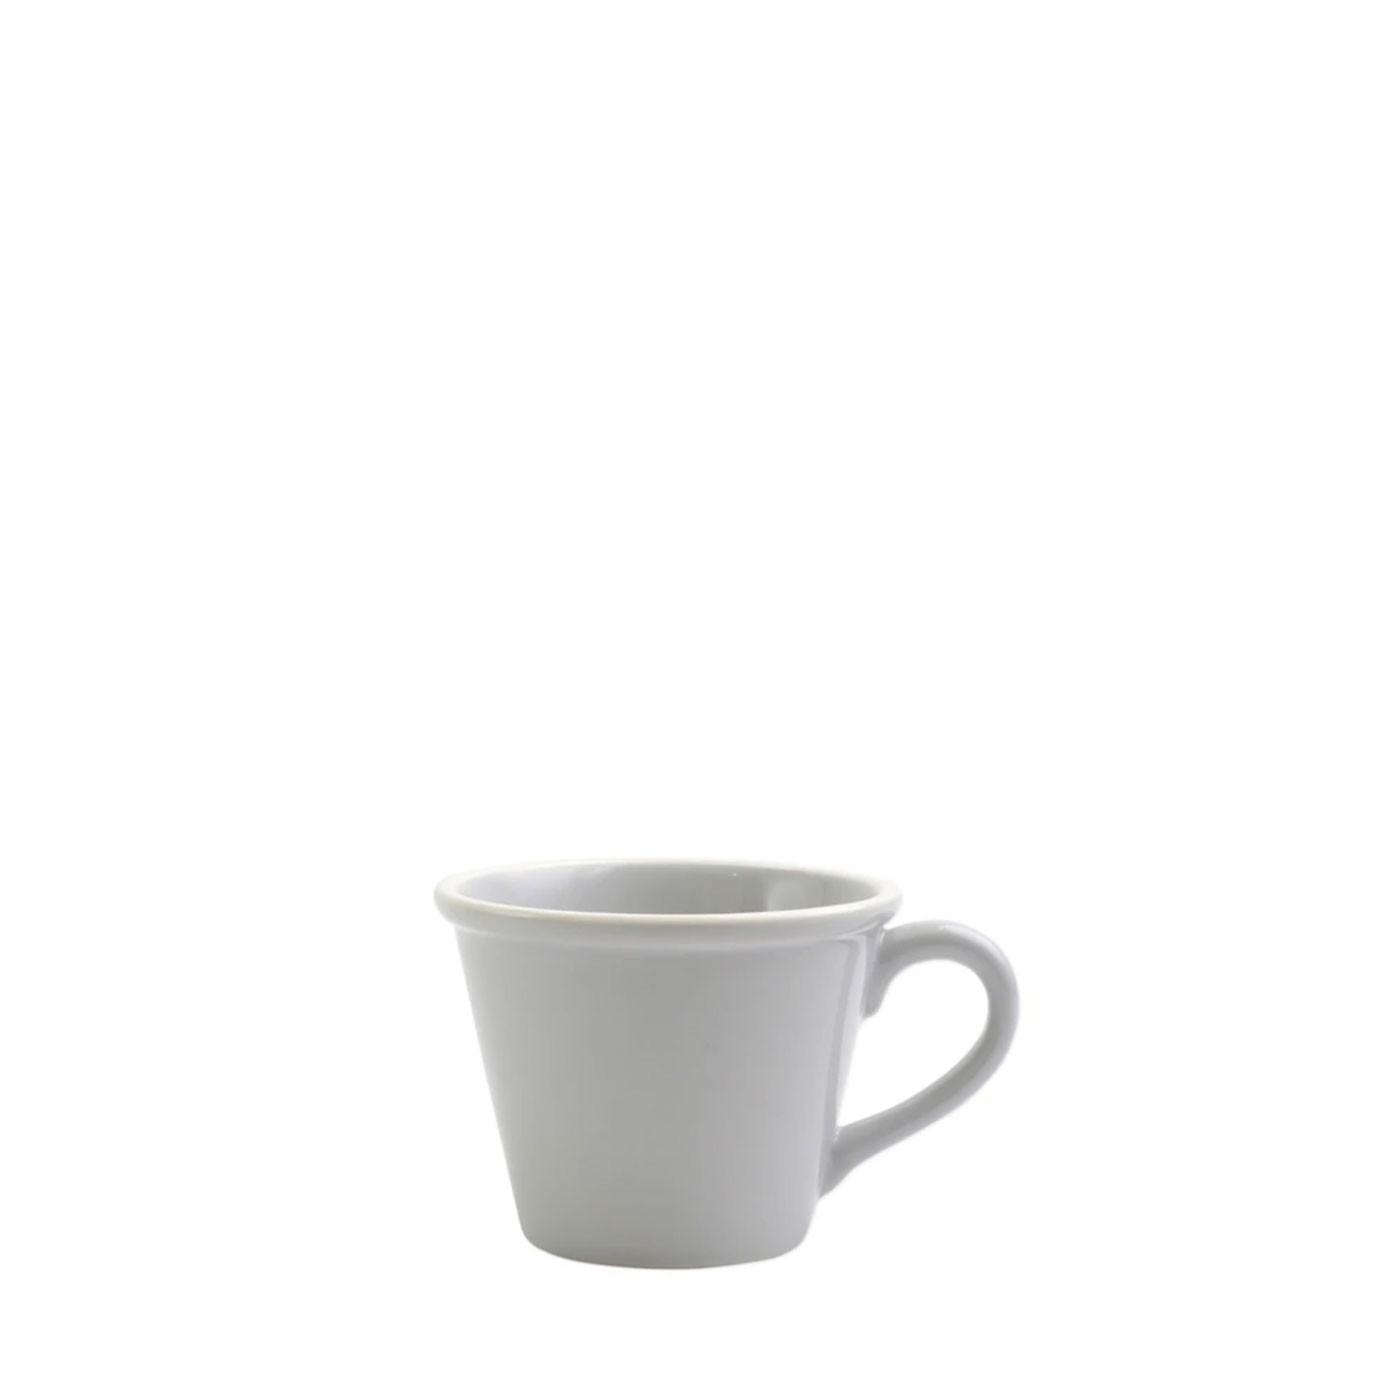 Chroma Light Gray Mug